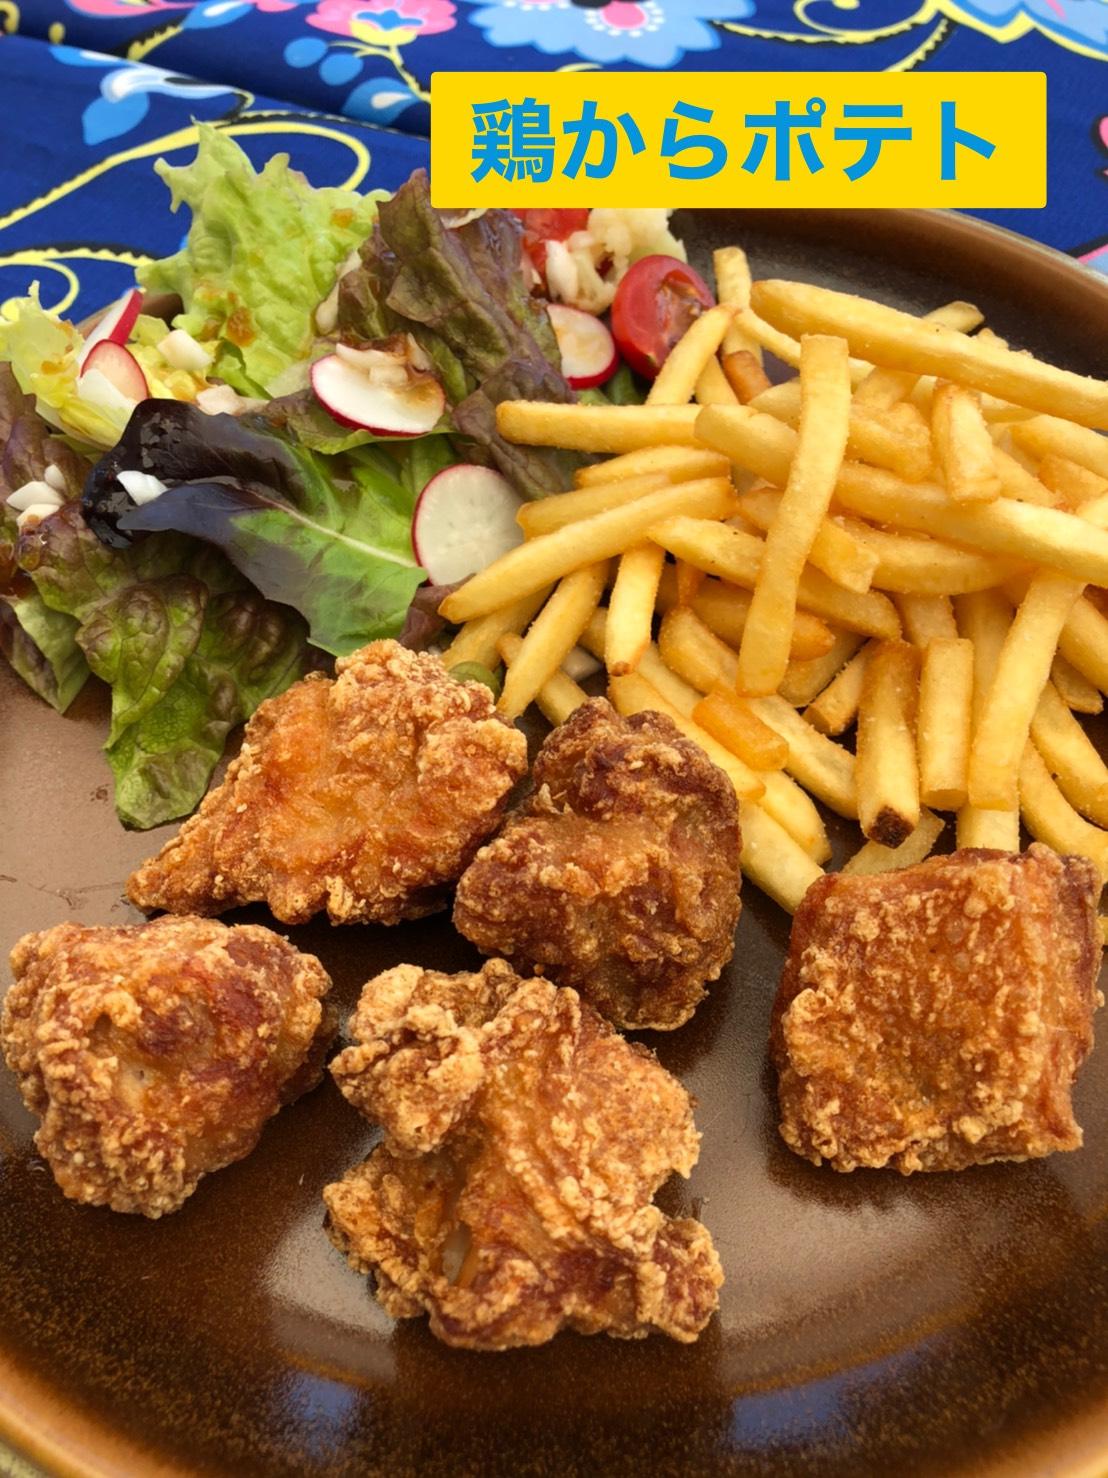 ラリーズカンパニー:鶏からポテト